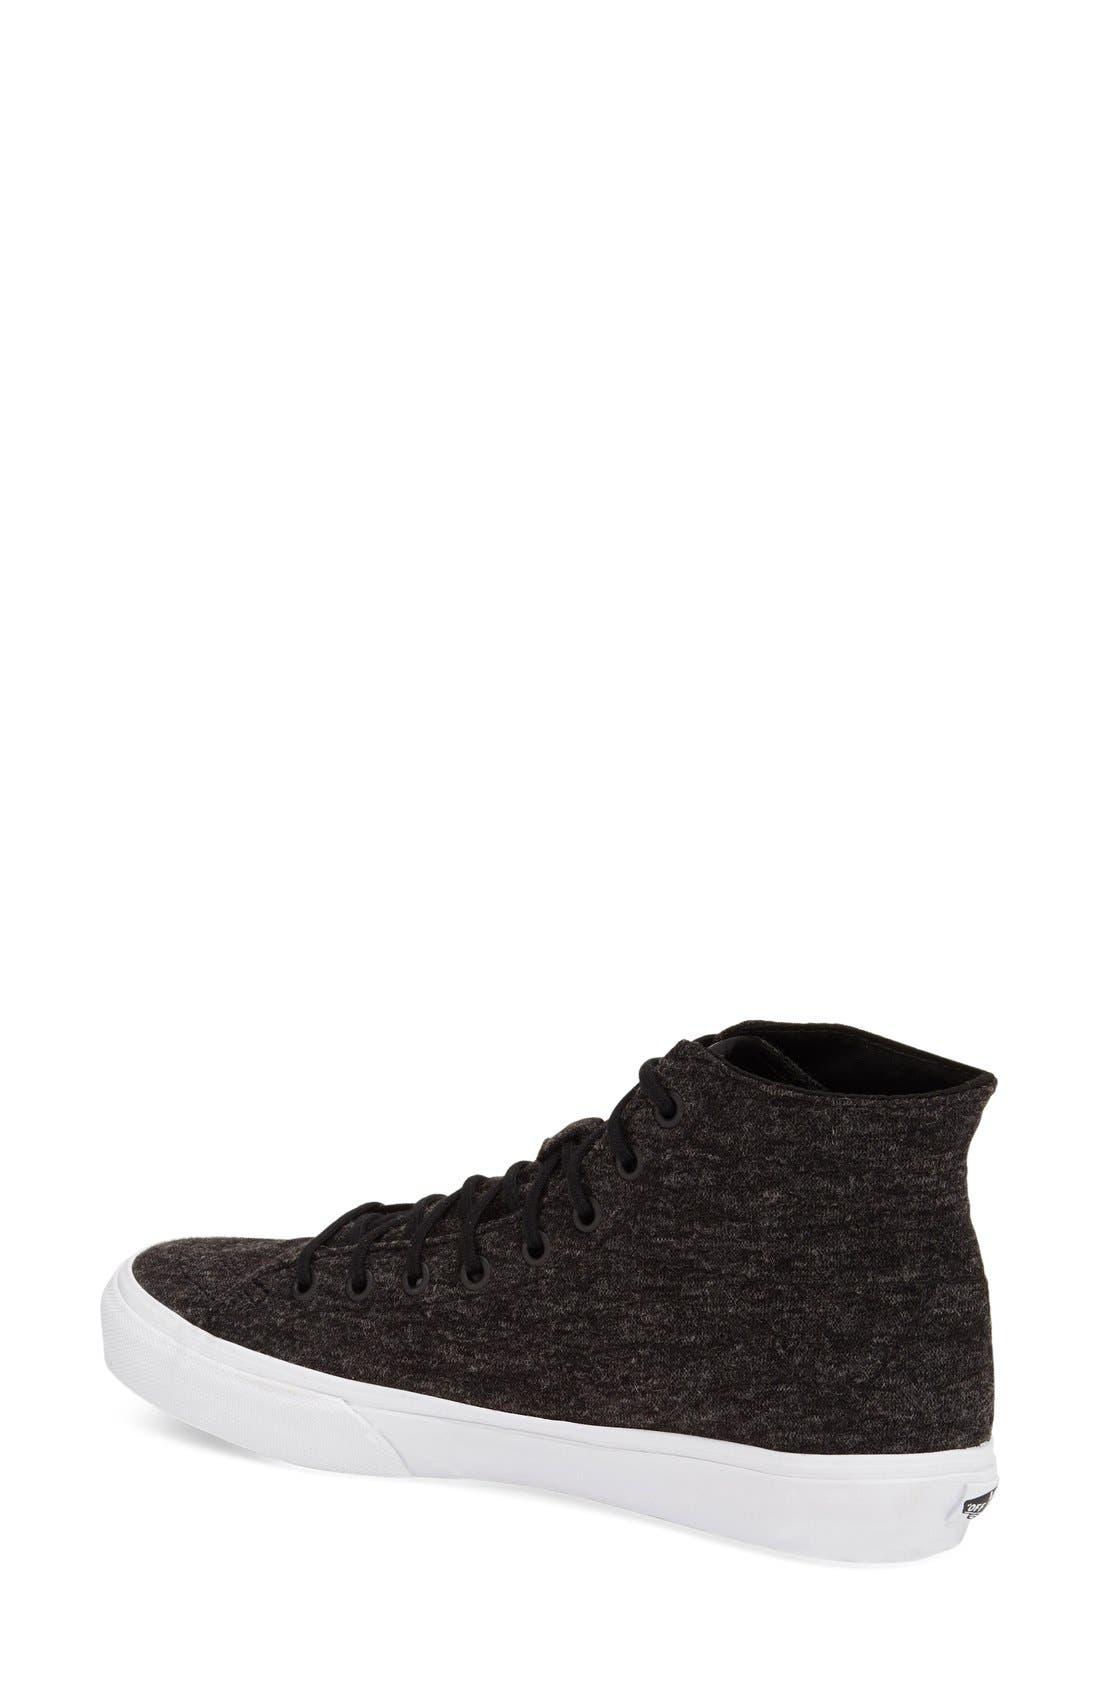 Alternate Image 2  - Vans 'Sk8-Hi Decon' Sneaker (Women)